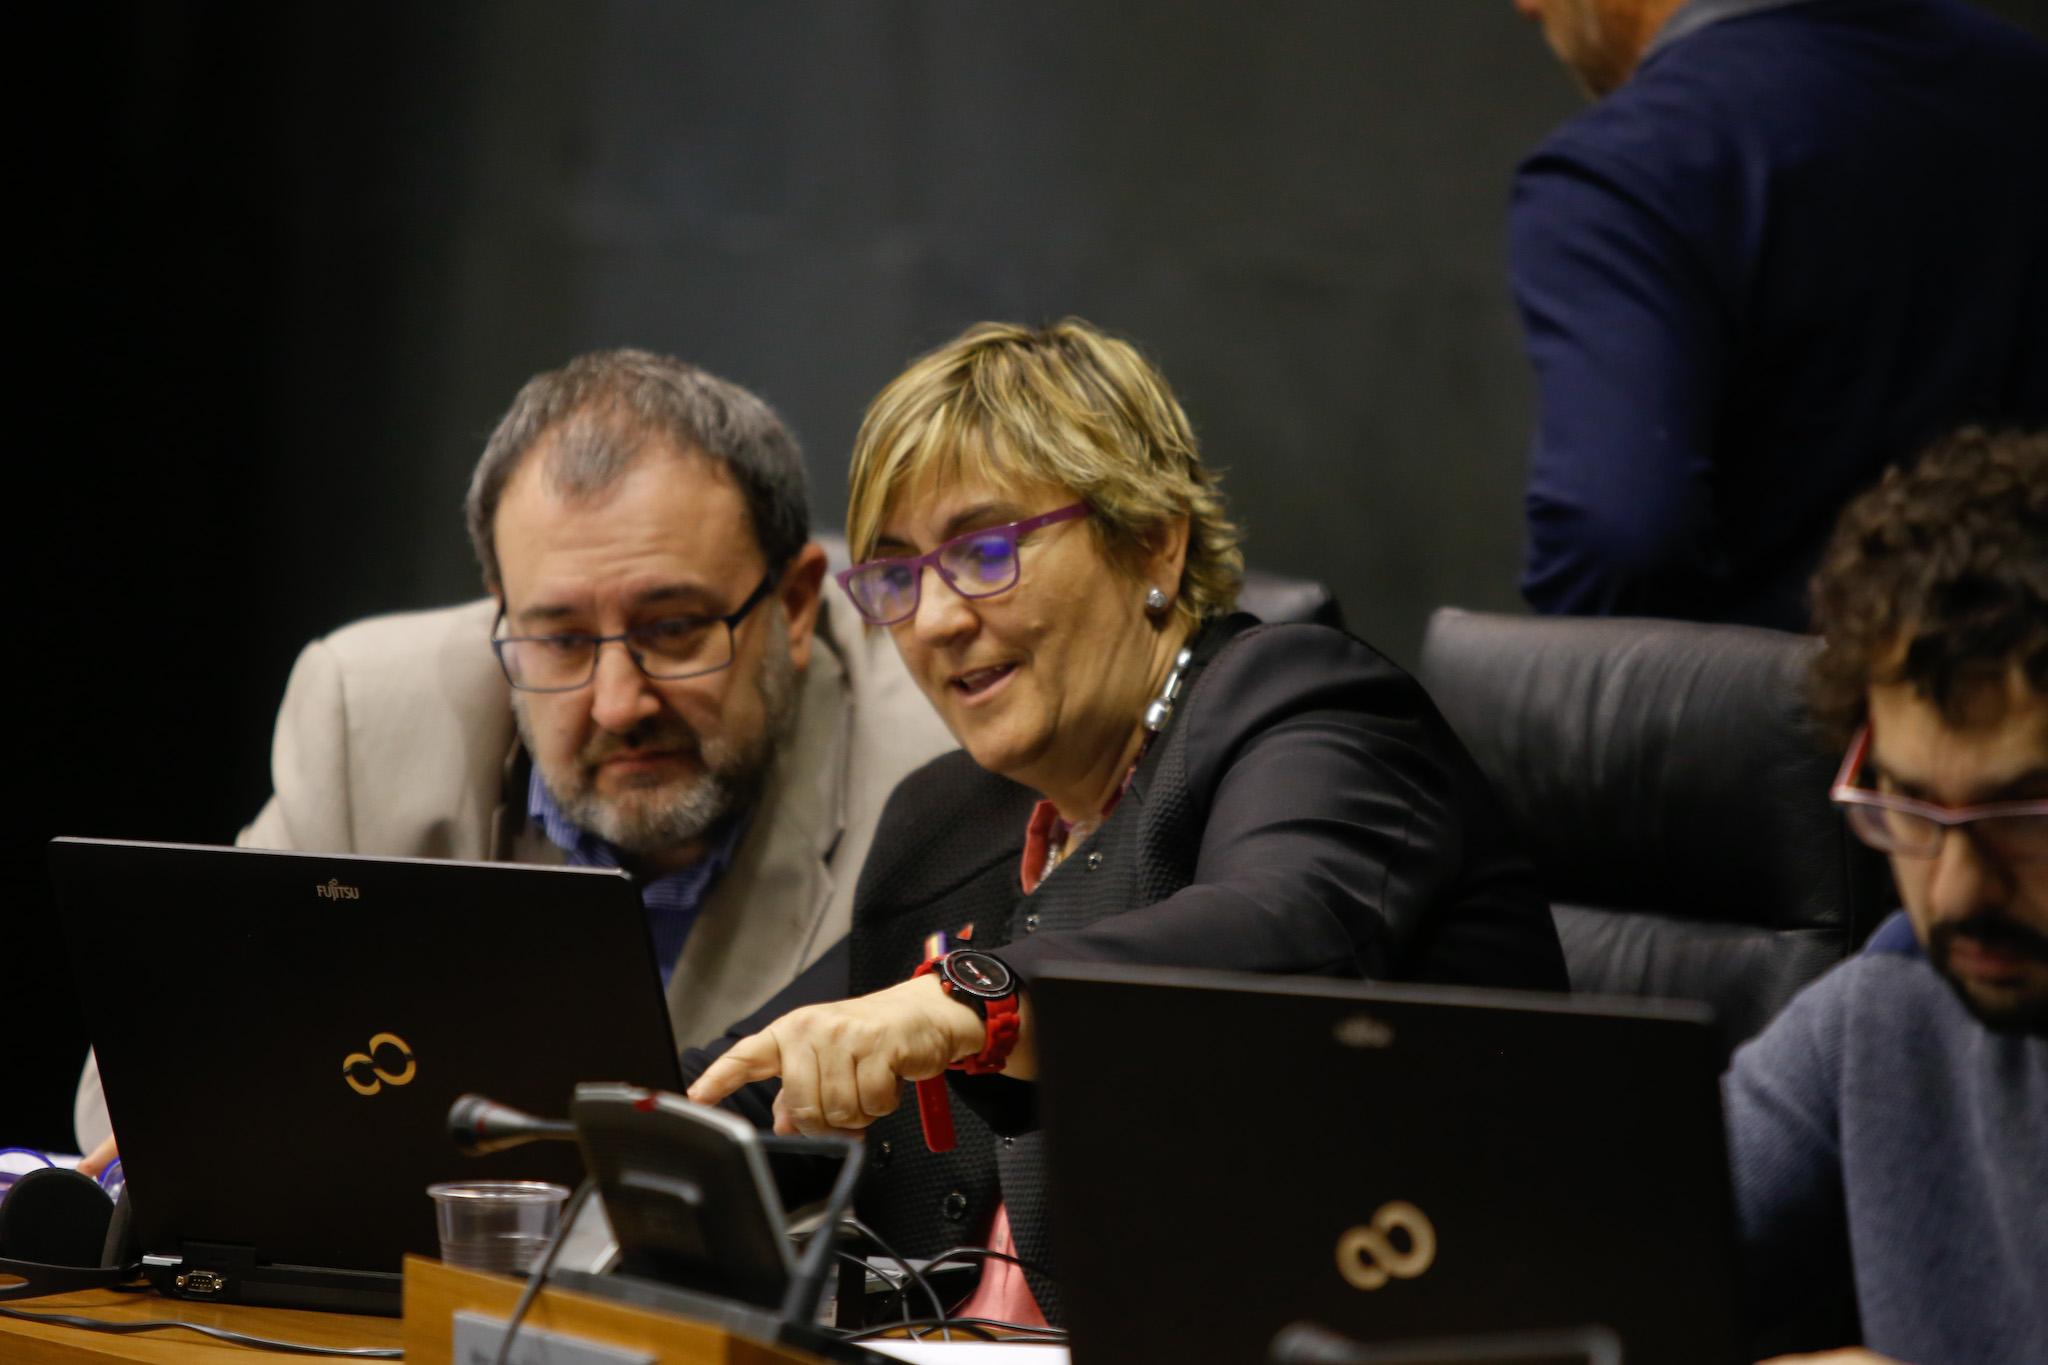 IZQUIERDA EZKERRA PRESENTA INCIATIVAS PARA AVANZAR HACIA UN MODELO DE FERROCARRIL SOSTENIBLE  ECONÓMICA, MEDIOAMBIENTAL Y SOCIALMENTE